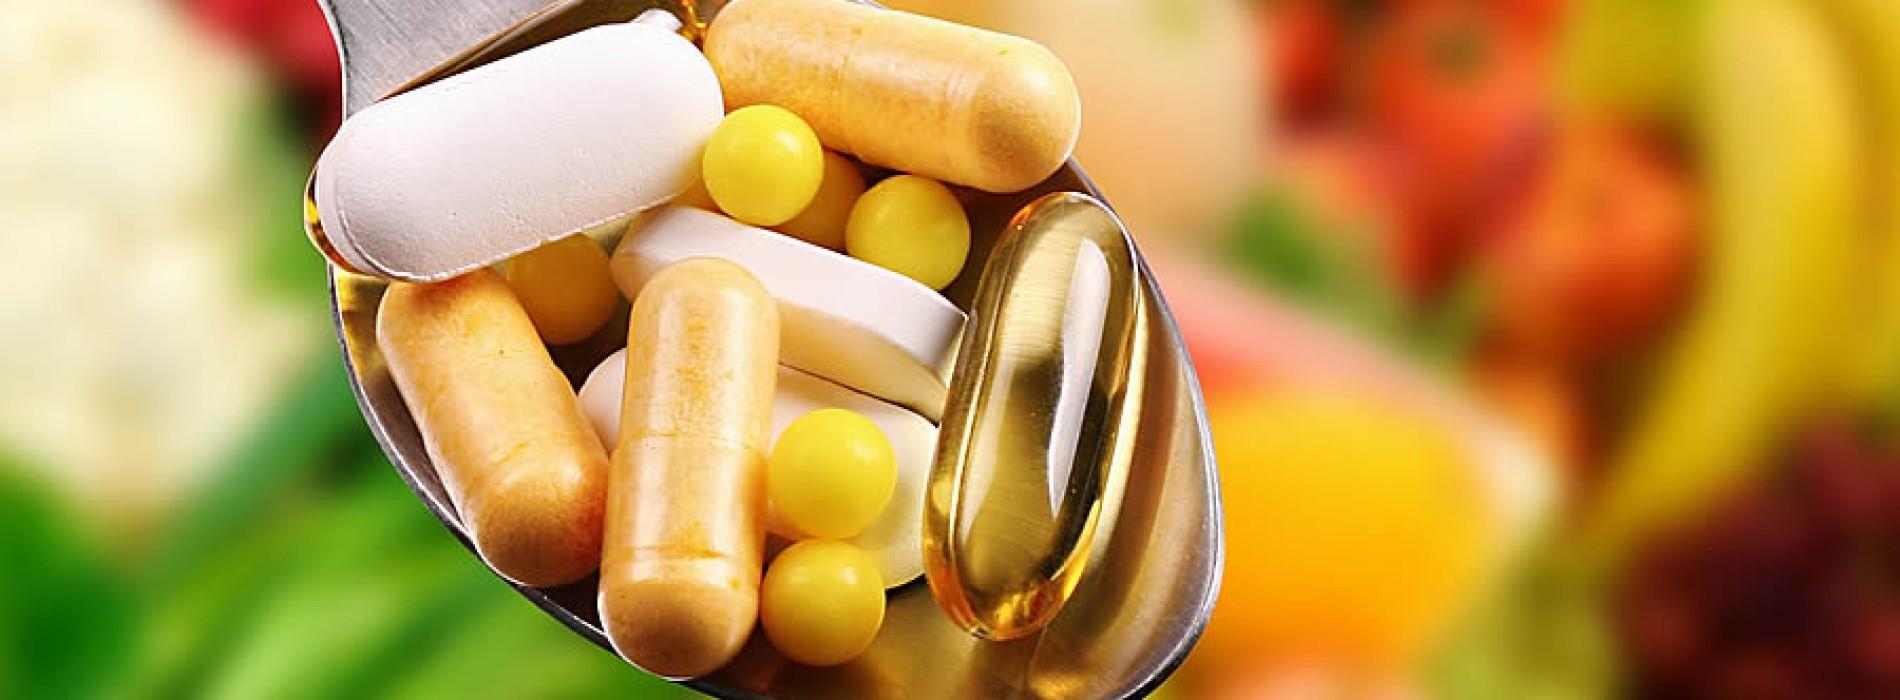 Synthetische vs natuurlijke supplementen: maakt het uit?